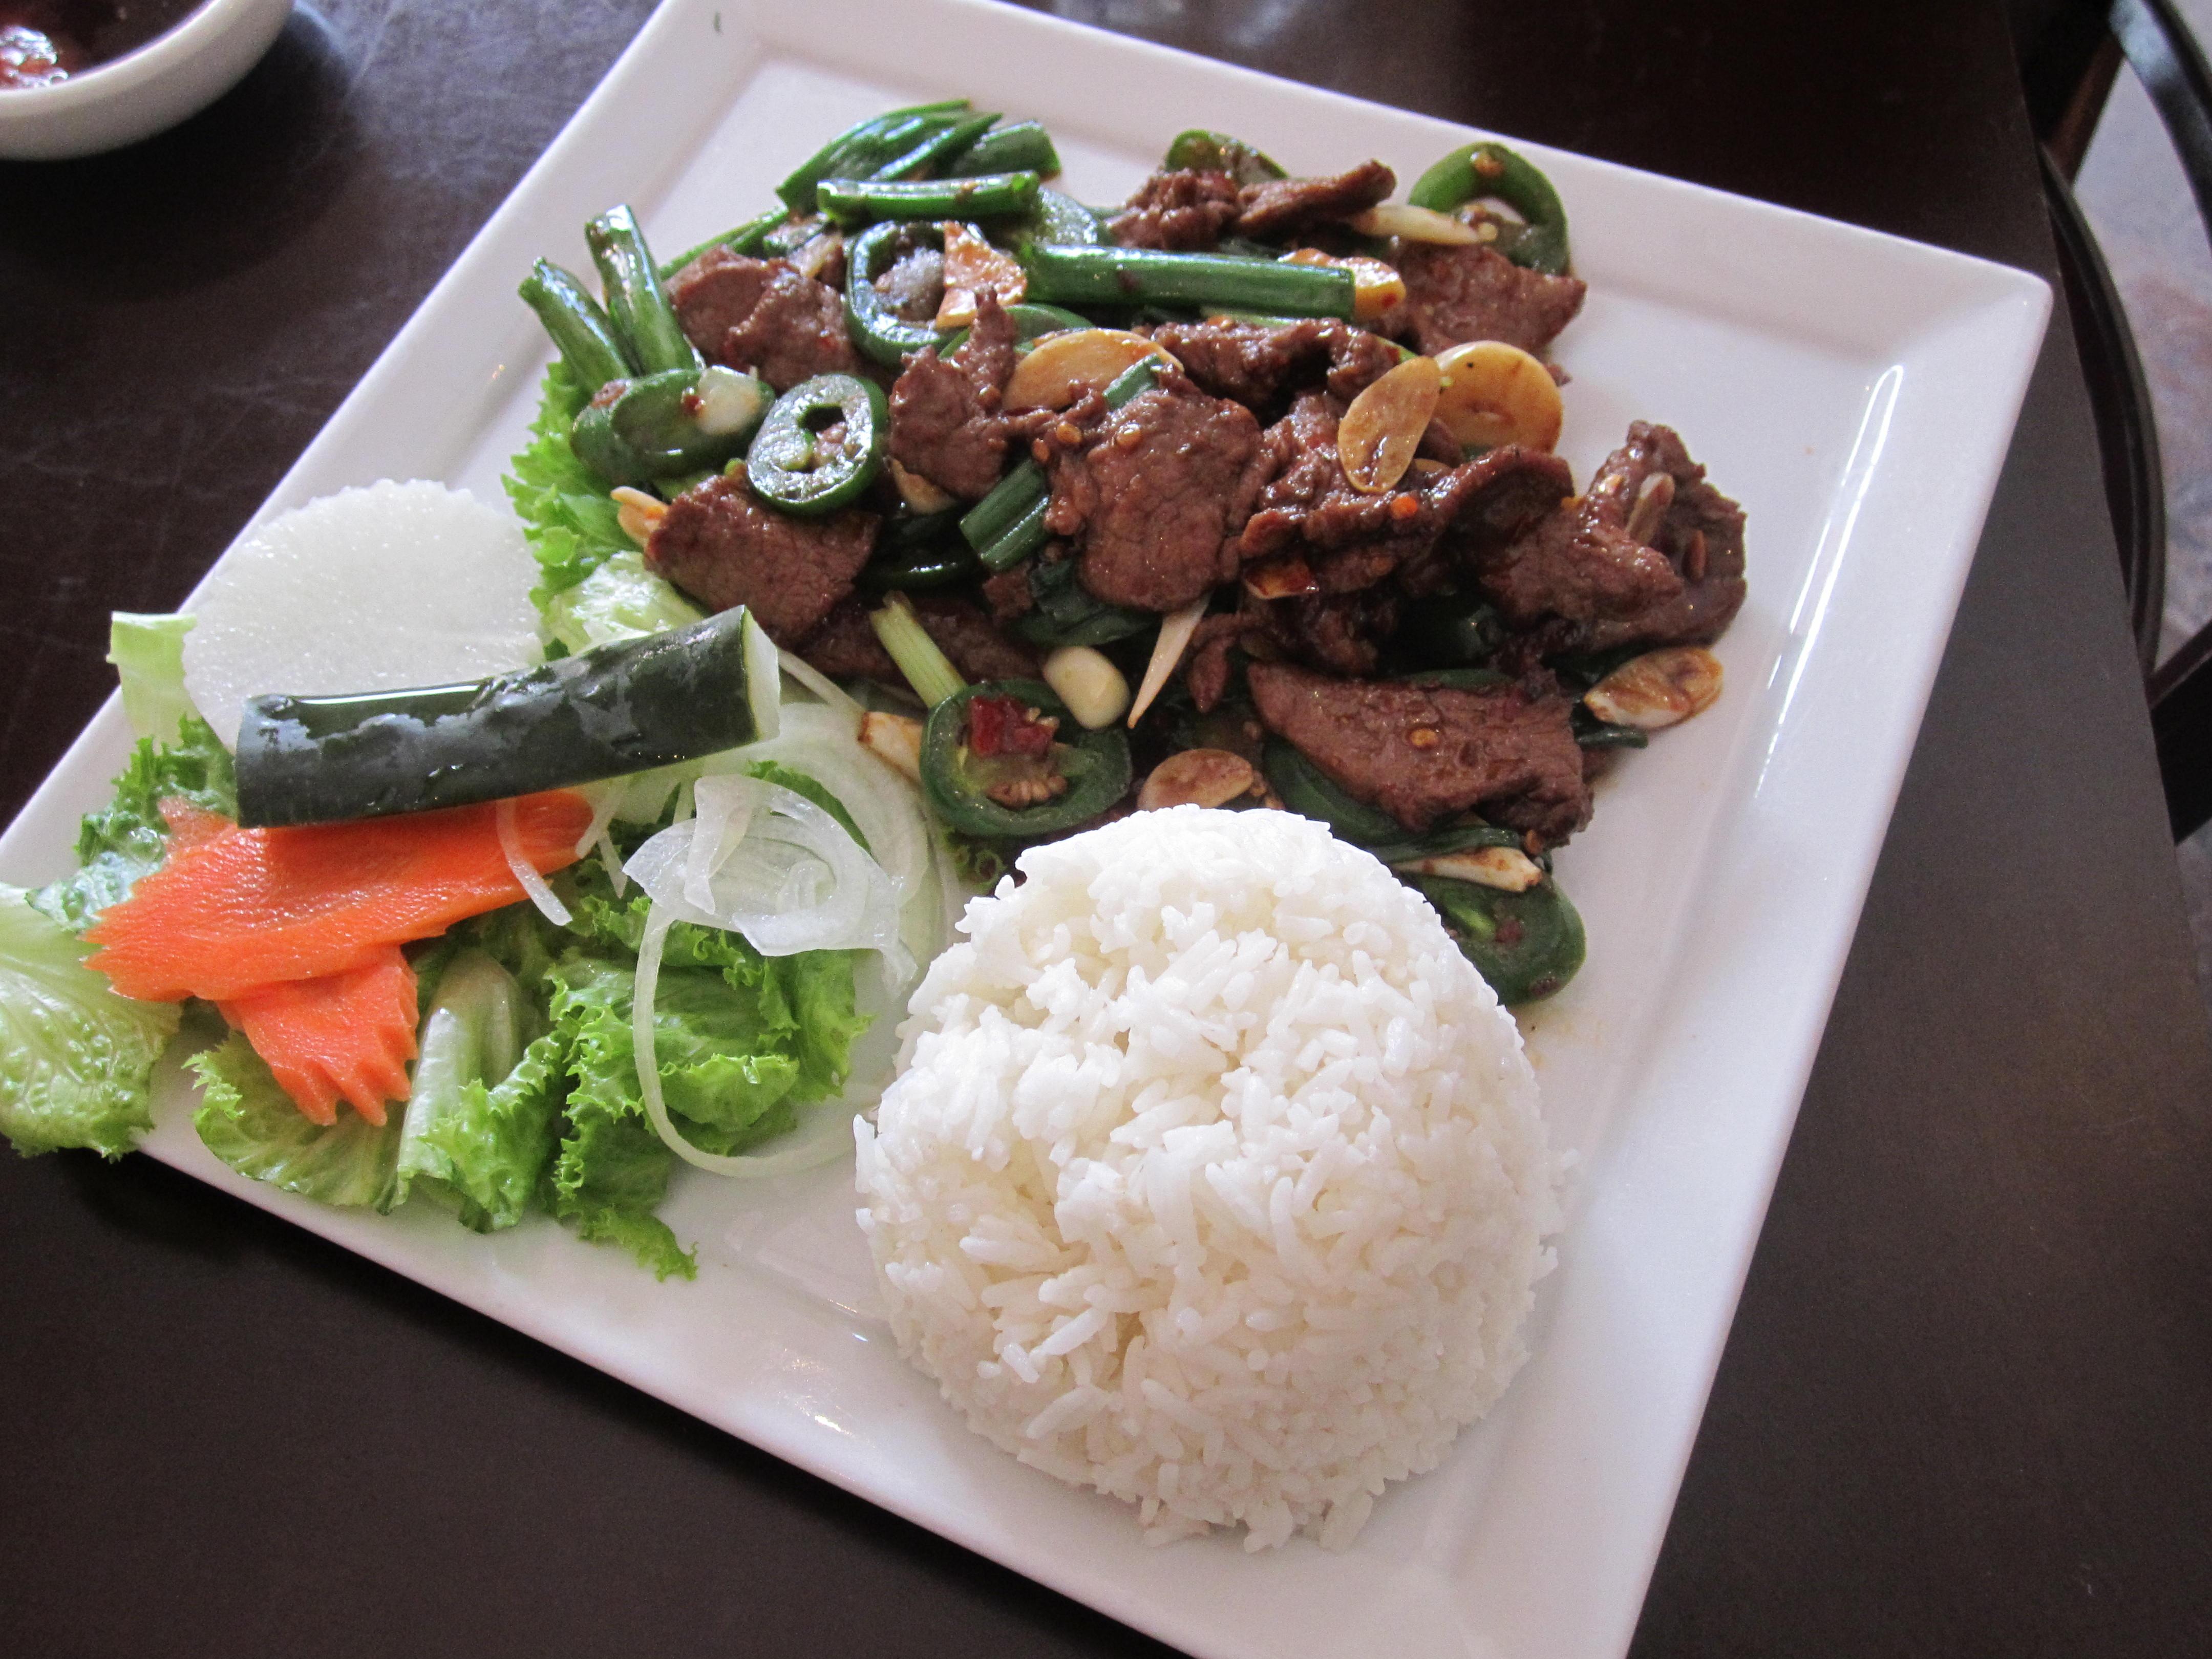 carne de res estilo Szechuan con ensalada verde y arroz. (Fotos: María Luisa Arredondo/El Pasajero)